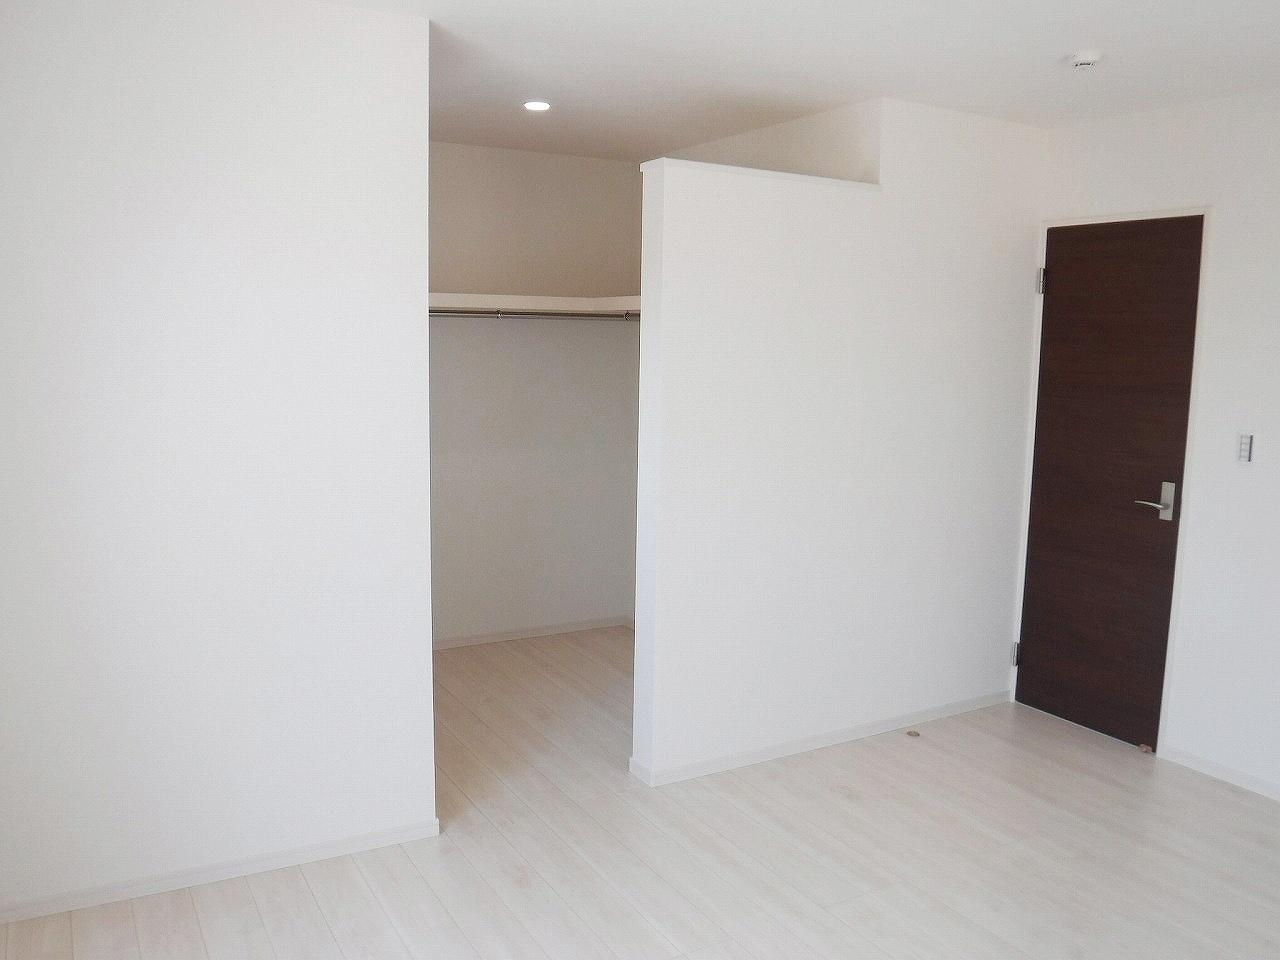 WIC付♪お部屋もすっきり片付けられます(^^) 施工事例。実際のものと異なります。